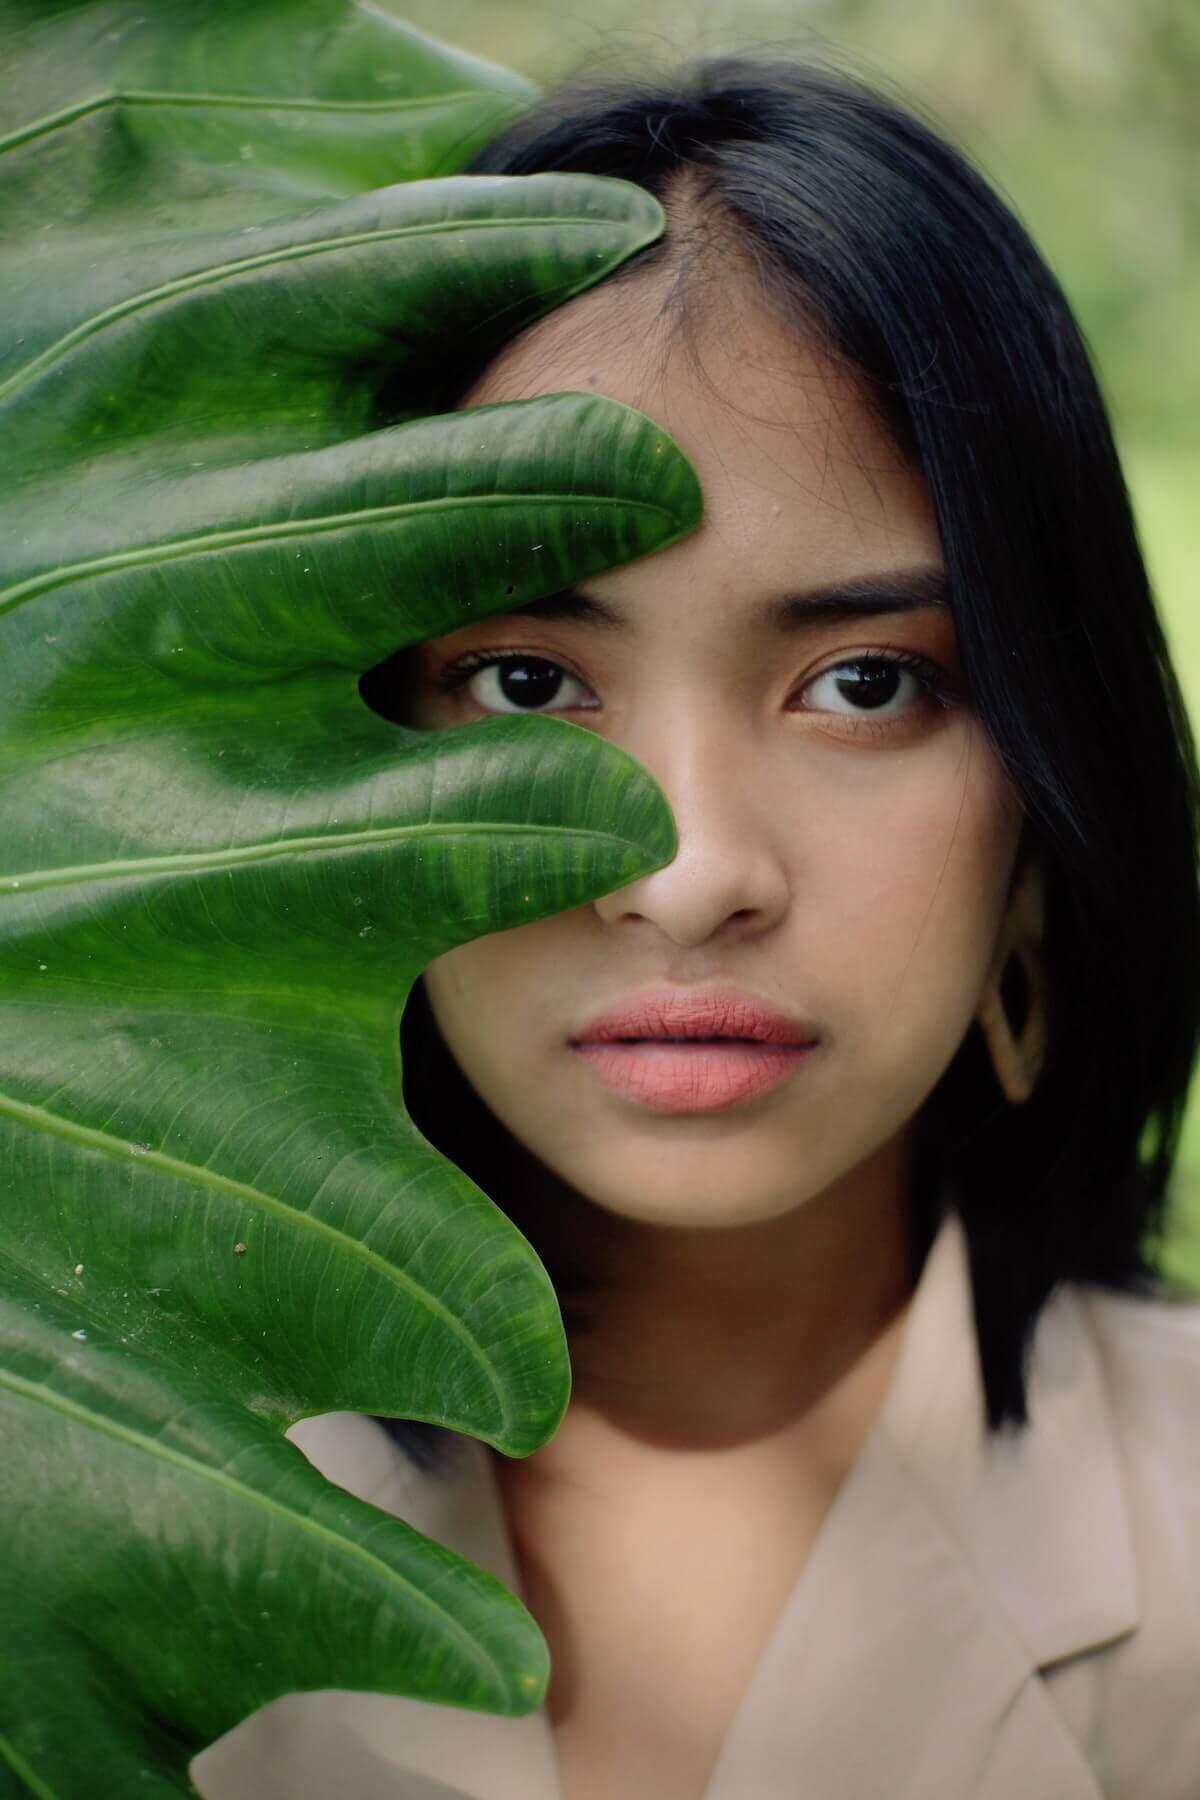 Cute Young Filipina Girls - fresh and sweet Filipina beauty #pinaybeauty | Manila Girls